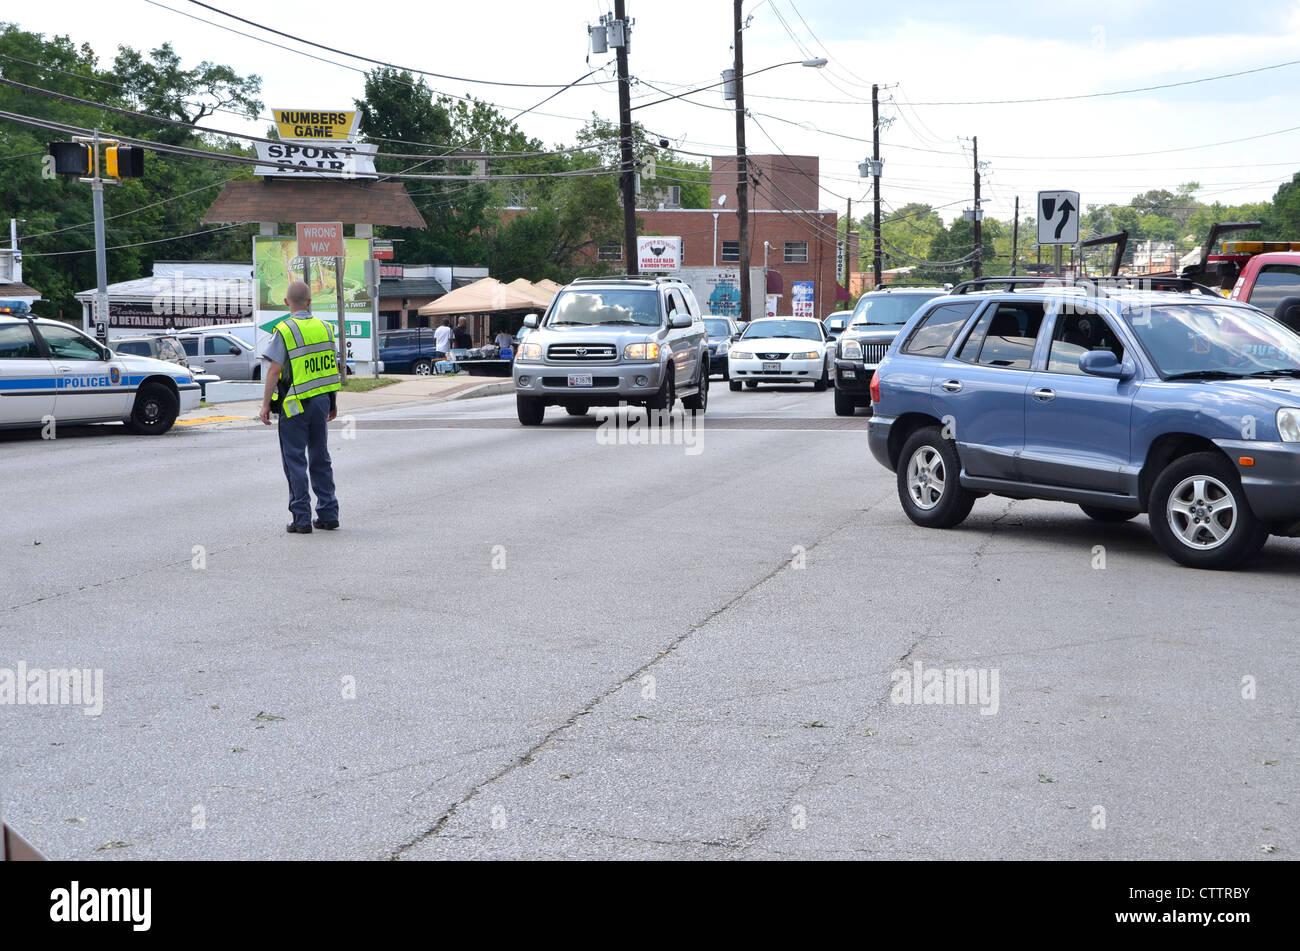 La policía dirigiendo el tráfico después de una falla de energía golpeó el semáforo Imagen De Stock